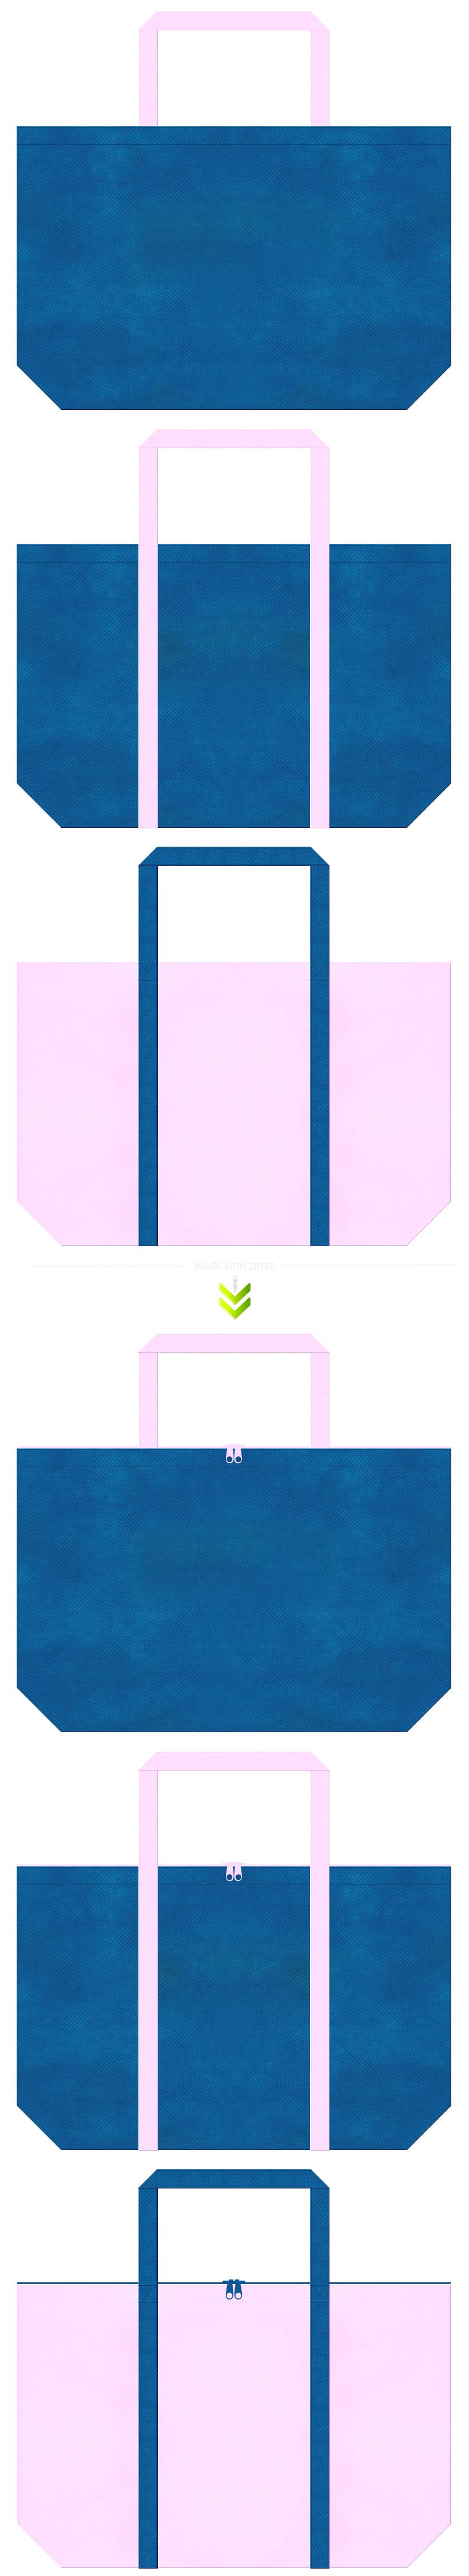 青色と明るいピンク色の不織布ショッピングバッグのデザイン